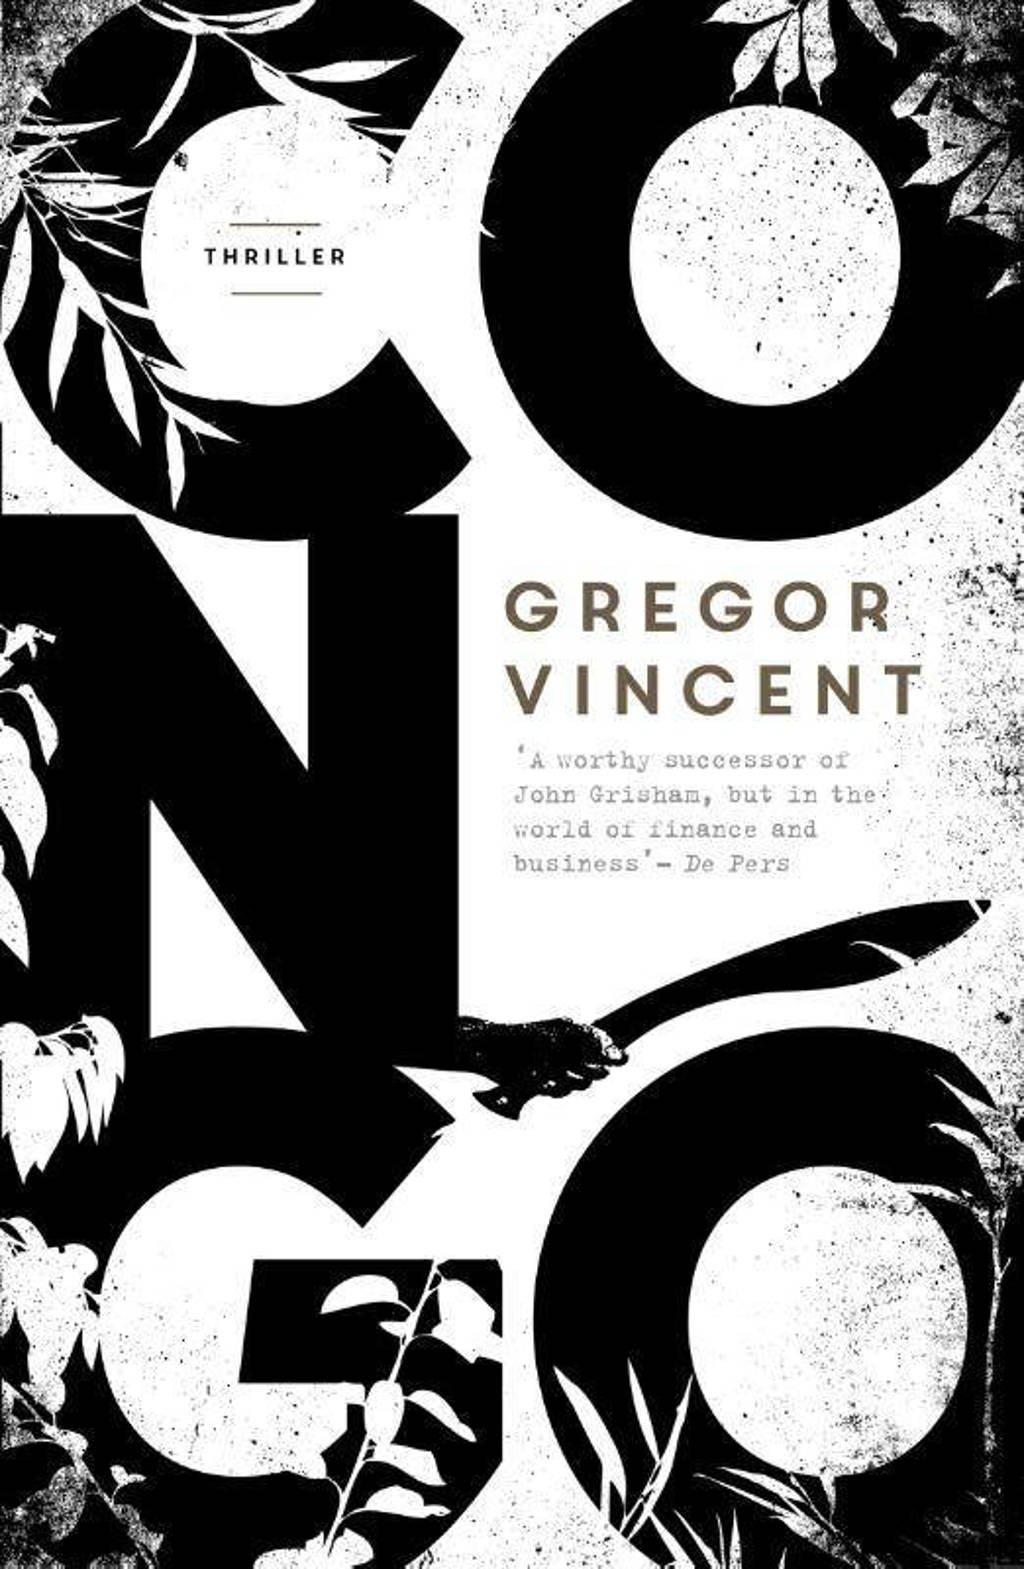 Congo - Gregor Vincent